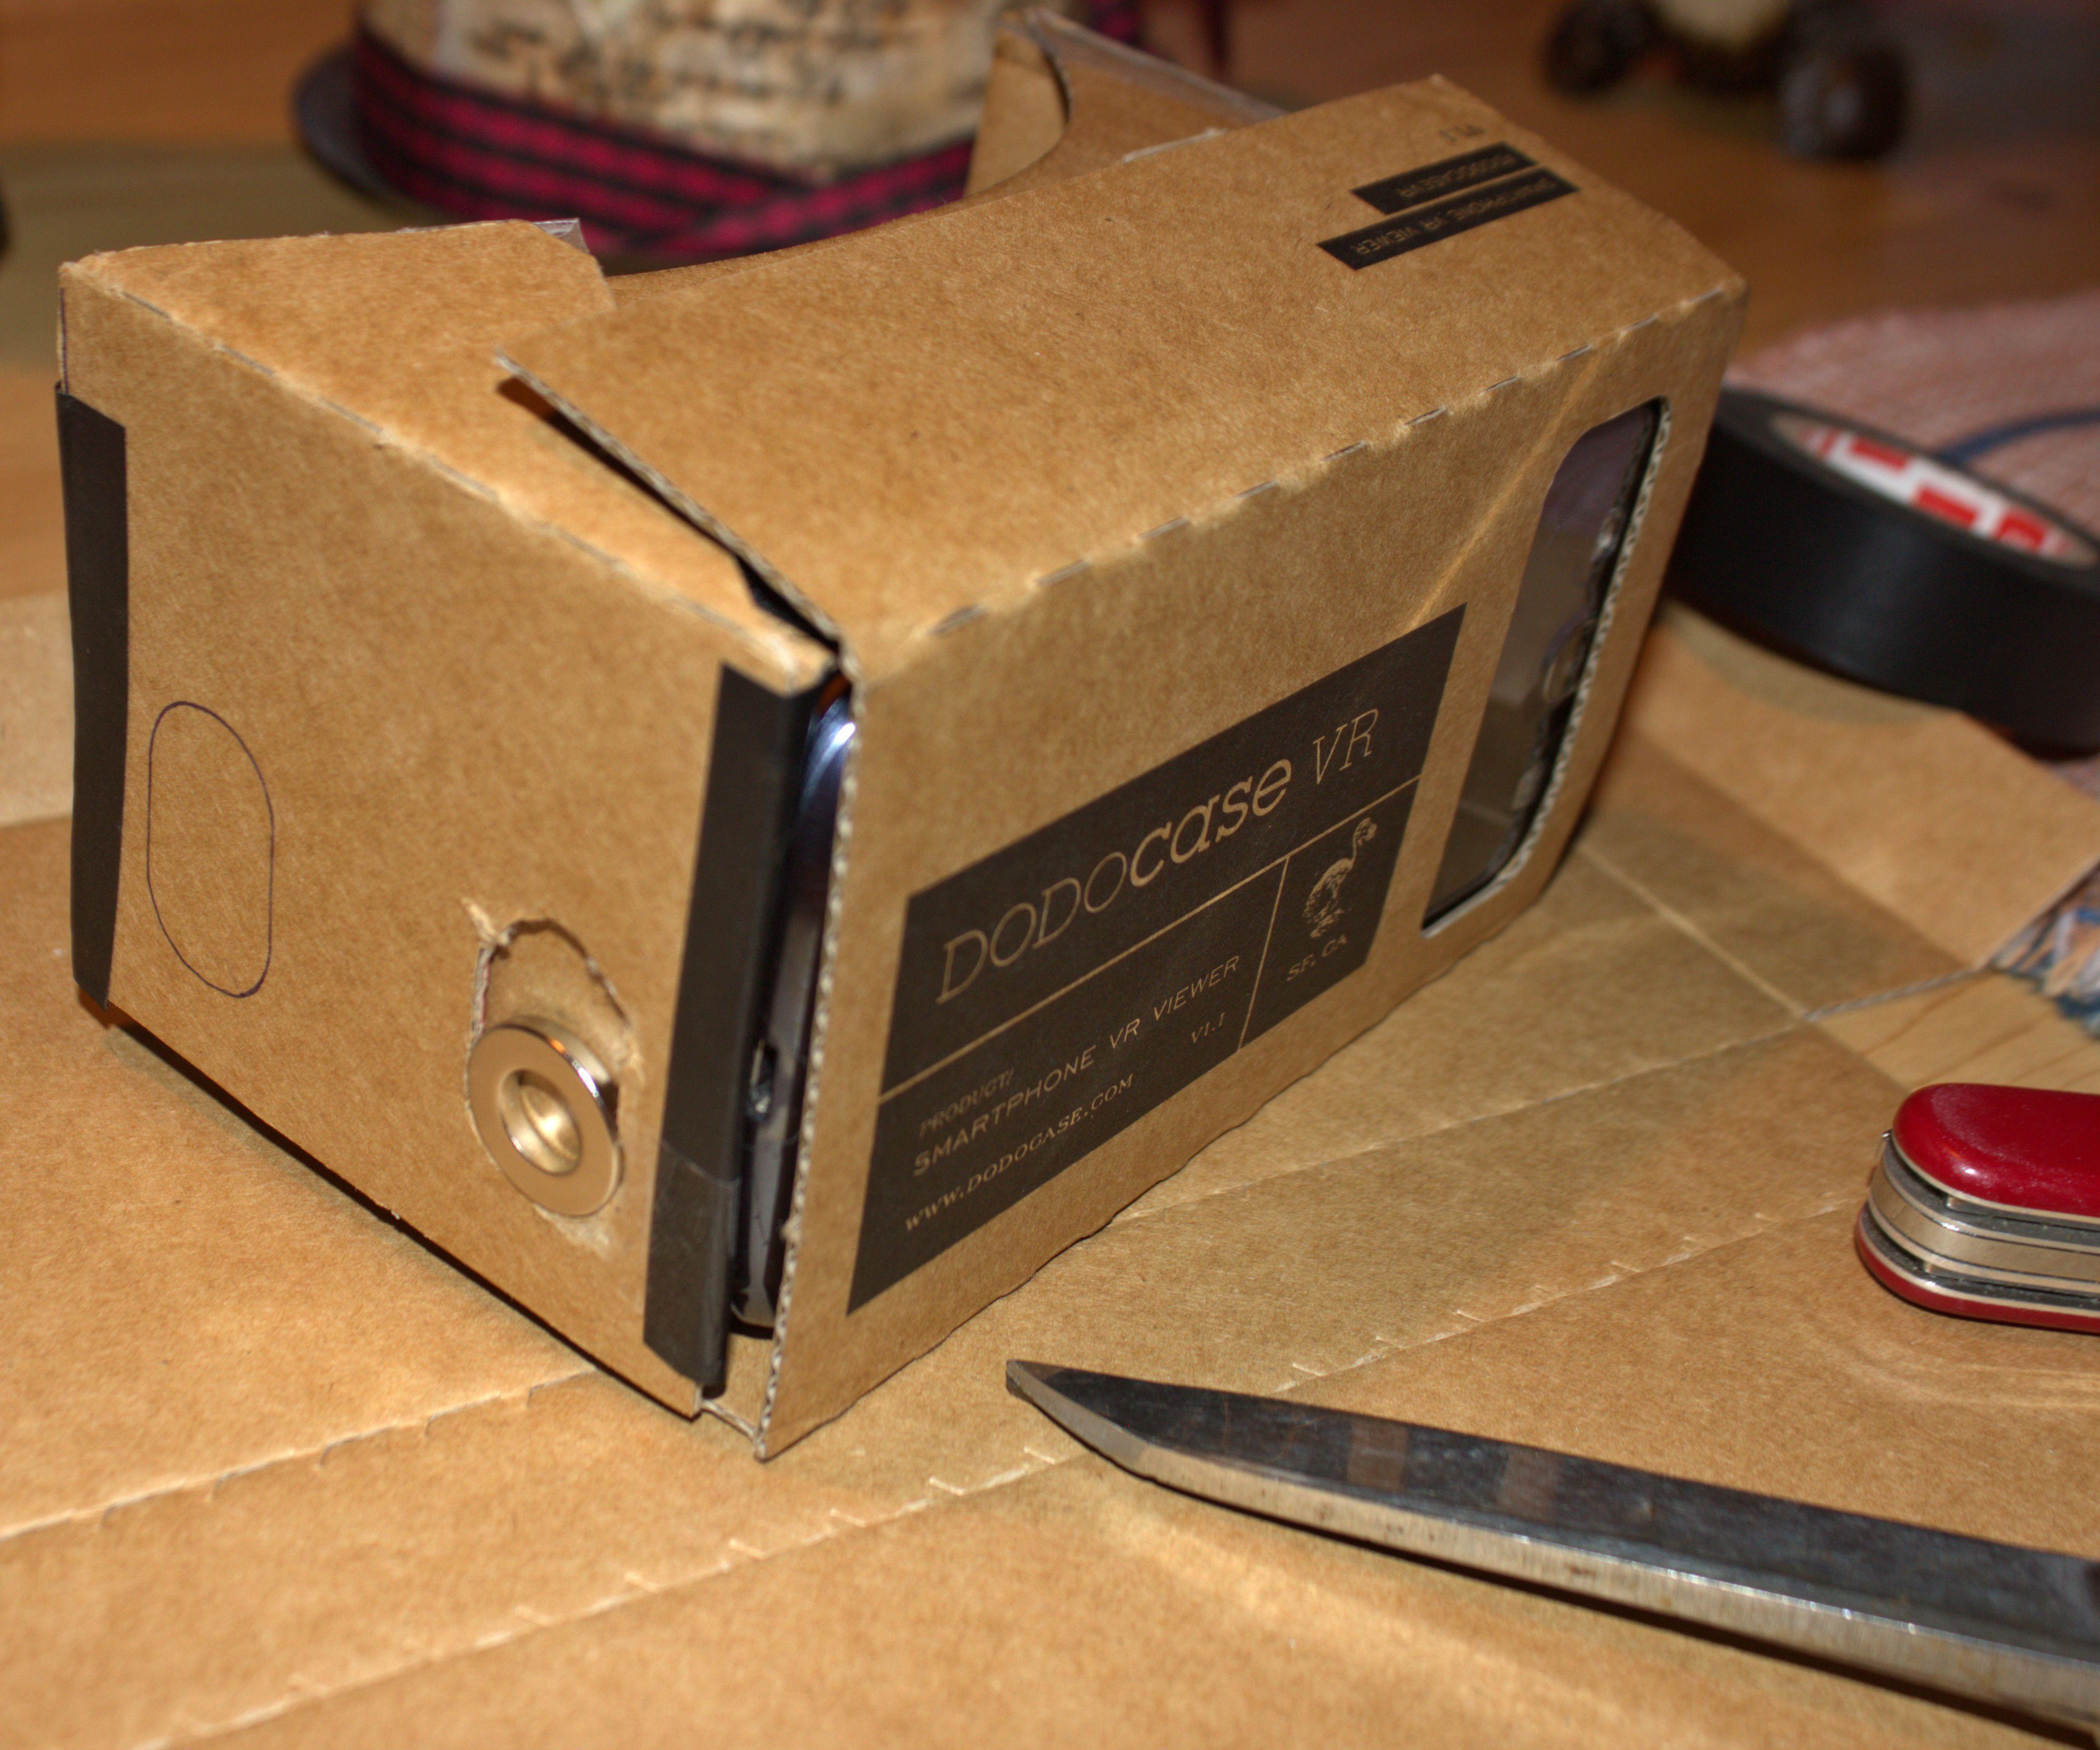 Make the DODOcase VR / Google Cardboard Switch Work - Samsung Galaxy S3 Phone